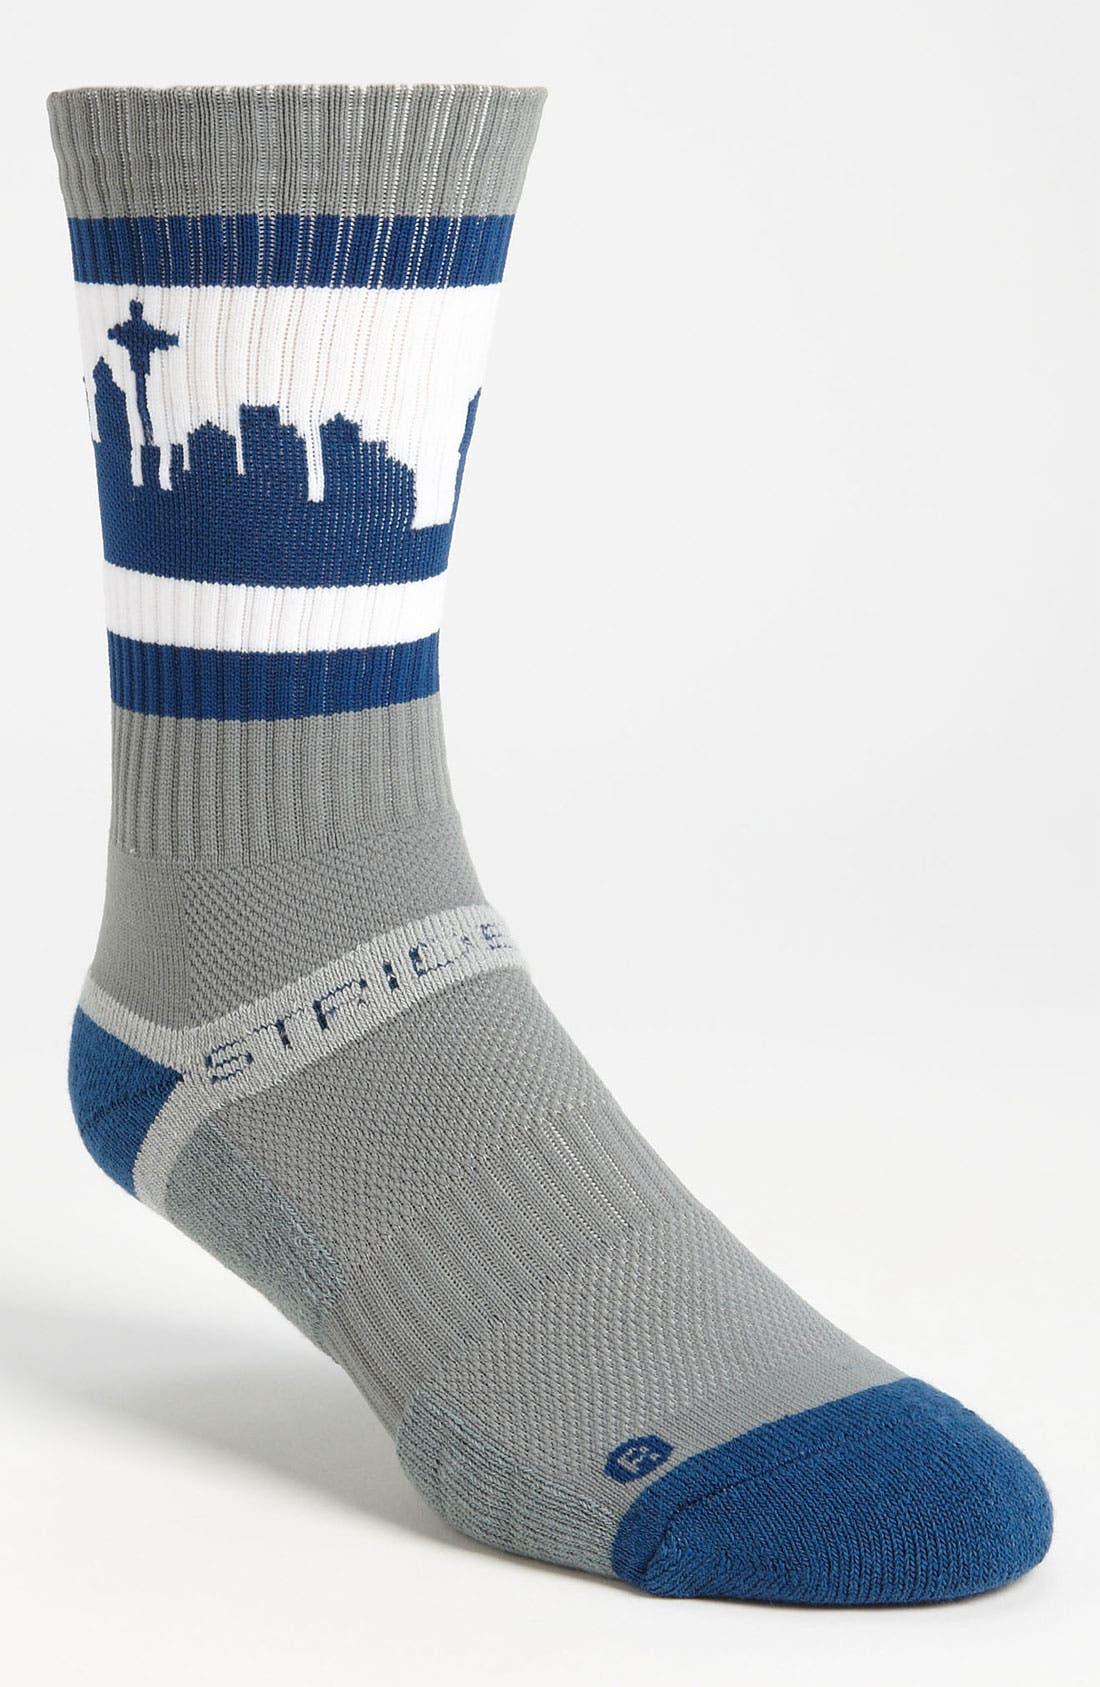 Alternate Image 1 Selected - Strideline 'Georgetown' Sock